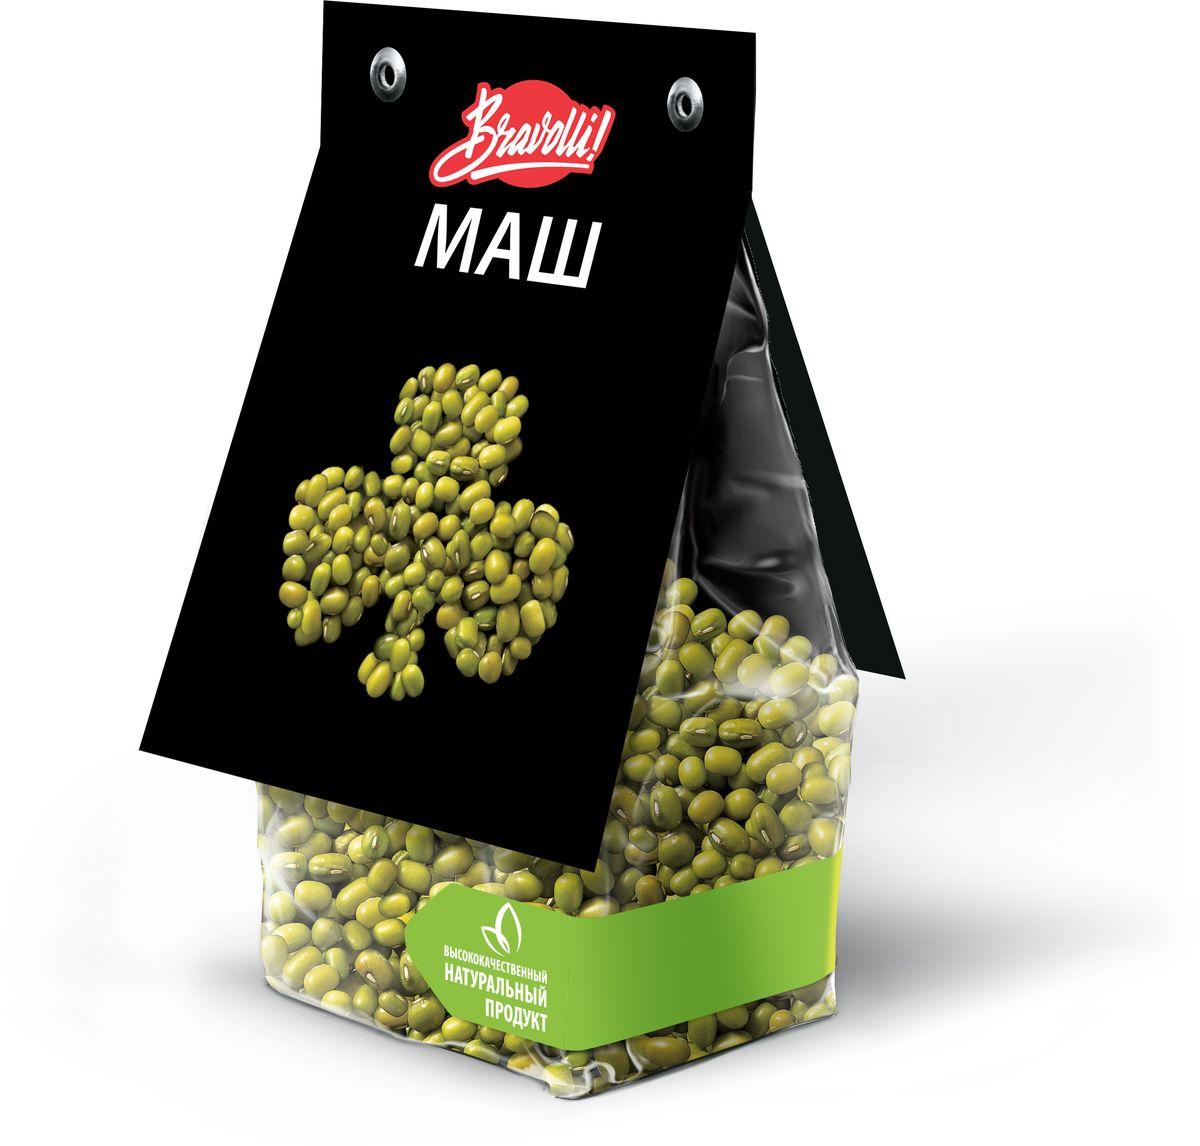 Bravolli Маш, 350 г24Маш – бобовая культура, близкая родственница фасоли, но в отличие от нее, маш можно проращивать. Маш возделывается в Средней и Восточной Азии, Южной Америке. Особенно популярен он в азиатской кухне. В Корее употребляют в пищу ростки маша, в Японии едят сброженный маш, а в Индии его часто используют в шлифованном виде (без оболочки). Маш имеет нежный травянистый вкус с легким ореховым ароматом. Он используется для приготовления супов, мясных блюд и блюд с рисом. Ростки можно использовать как в чистом виде, так и в салаты.